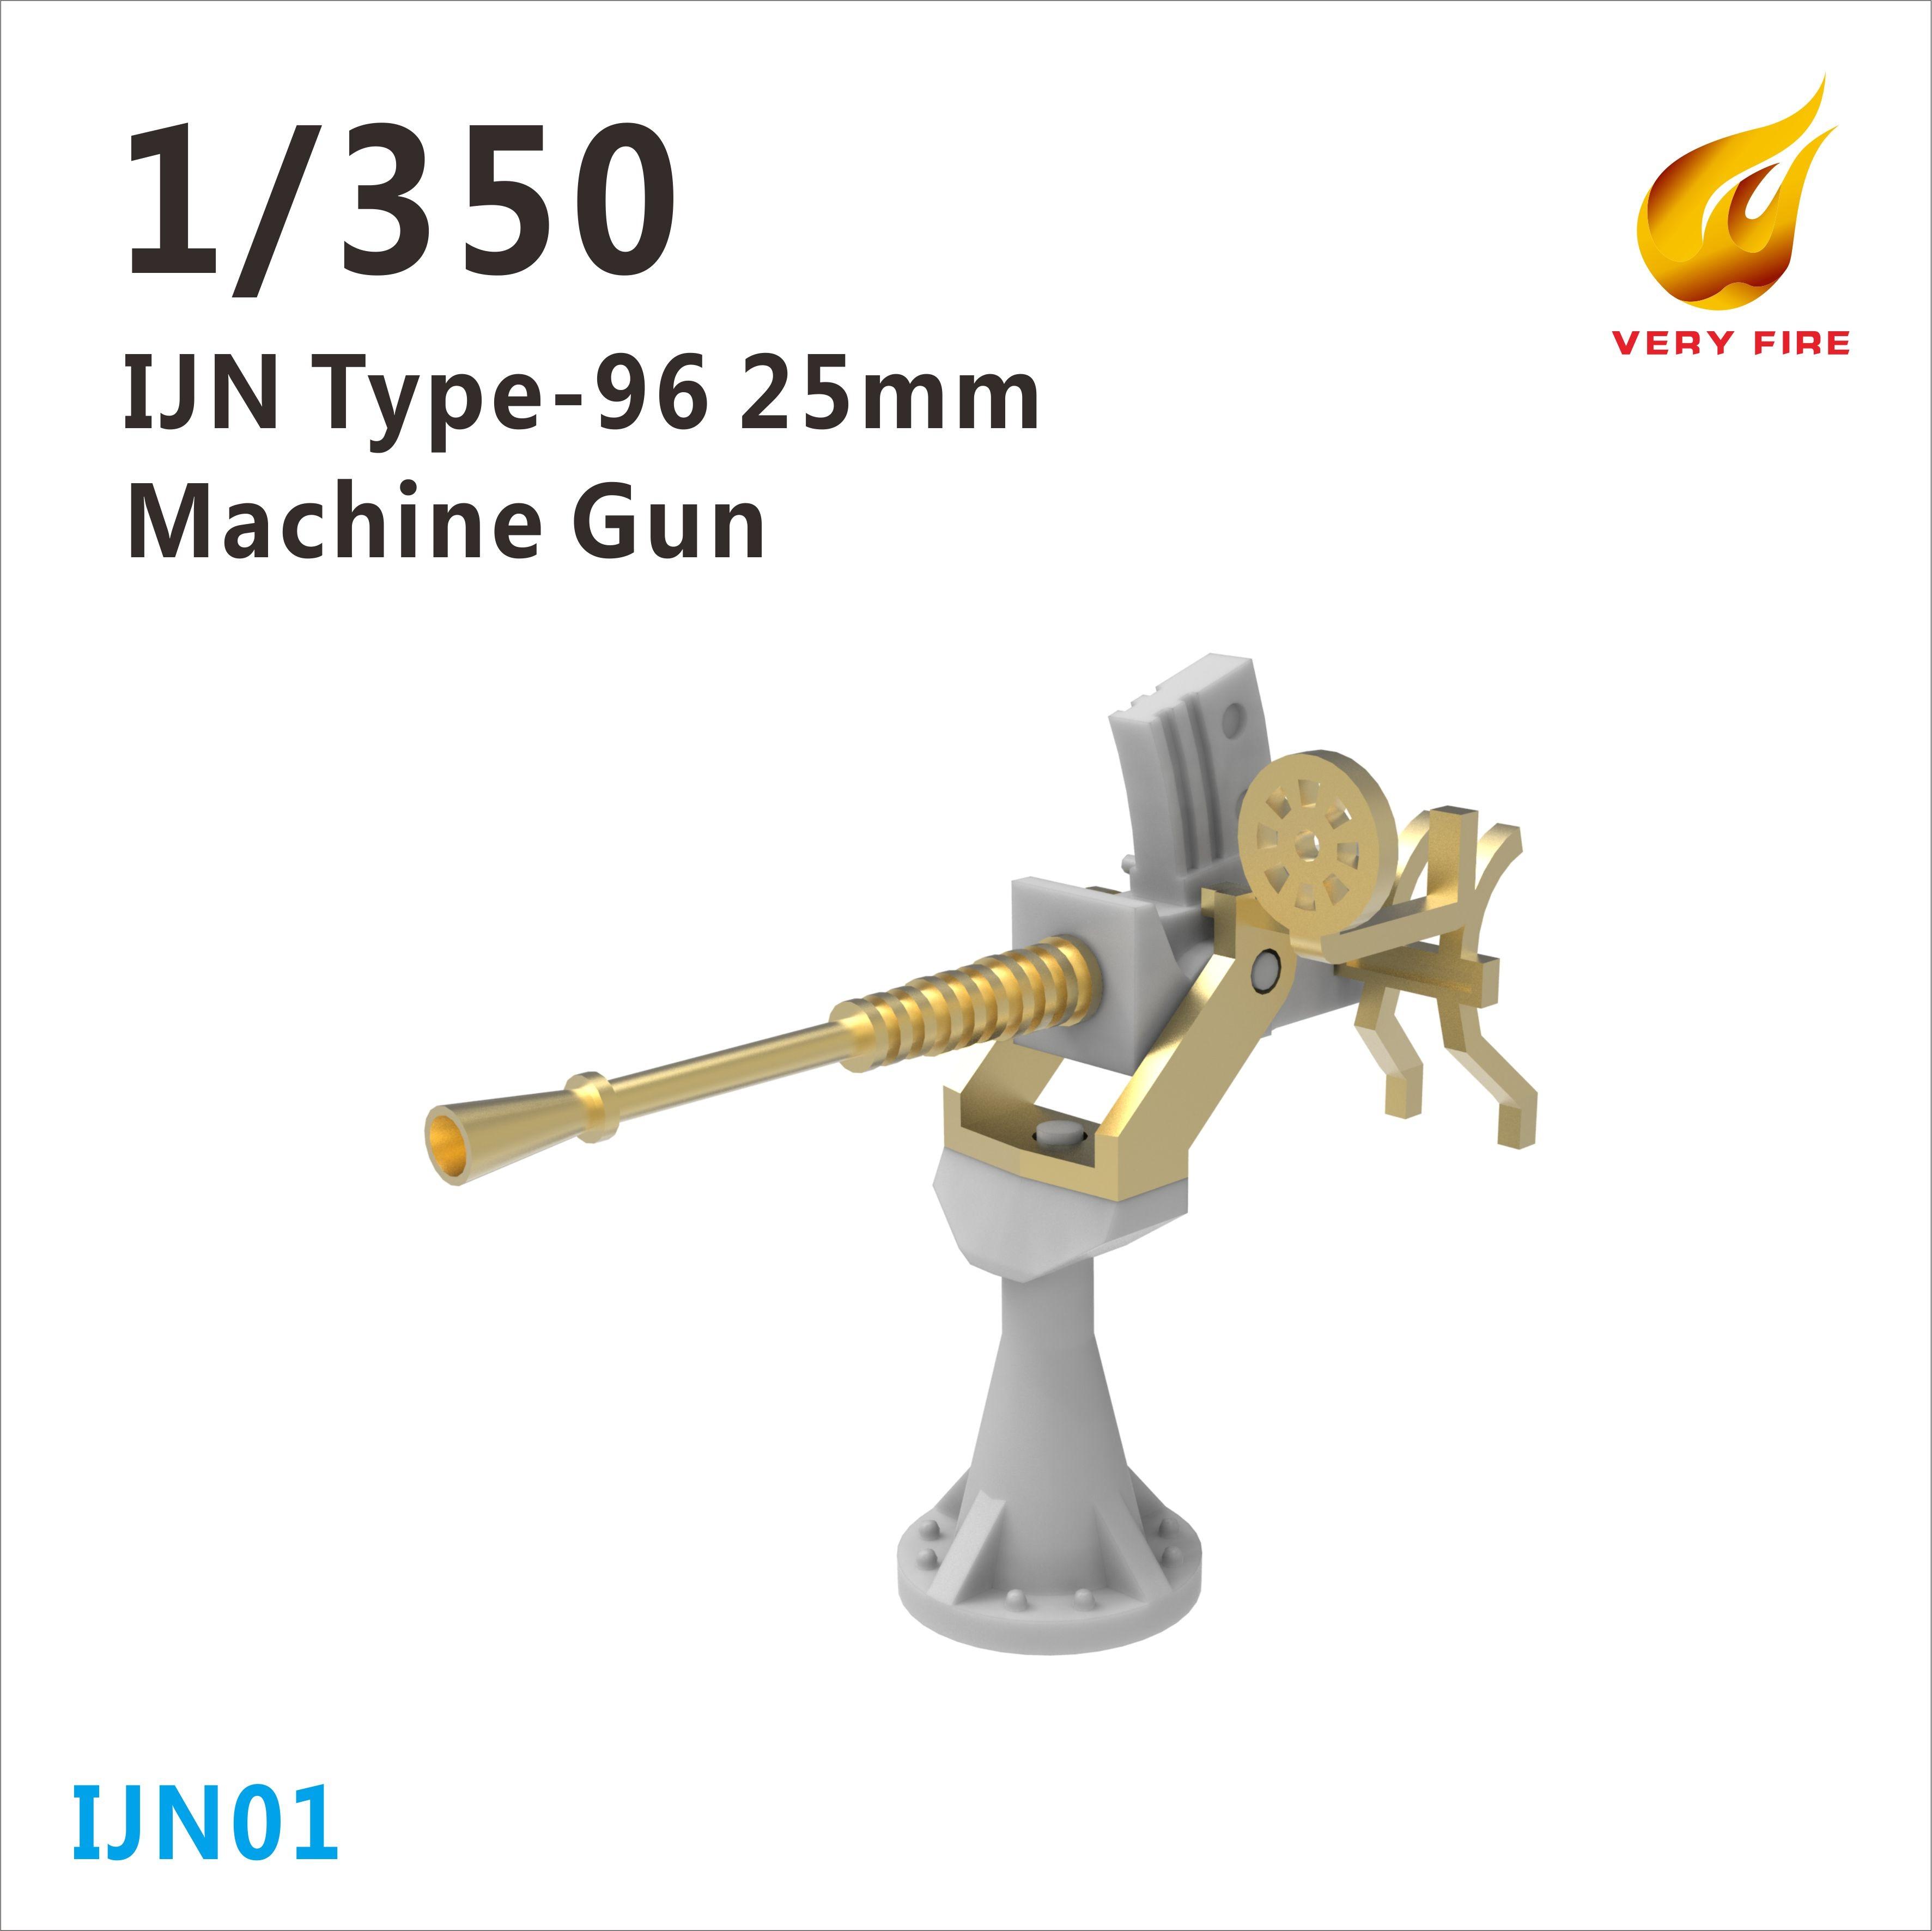 Very Fire 1/350 IJN 25mm Single AA Guns (16 Sets)